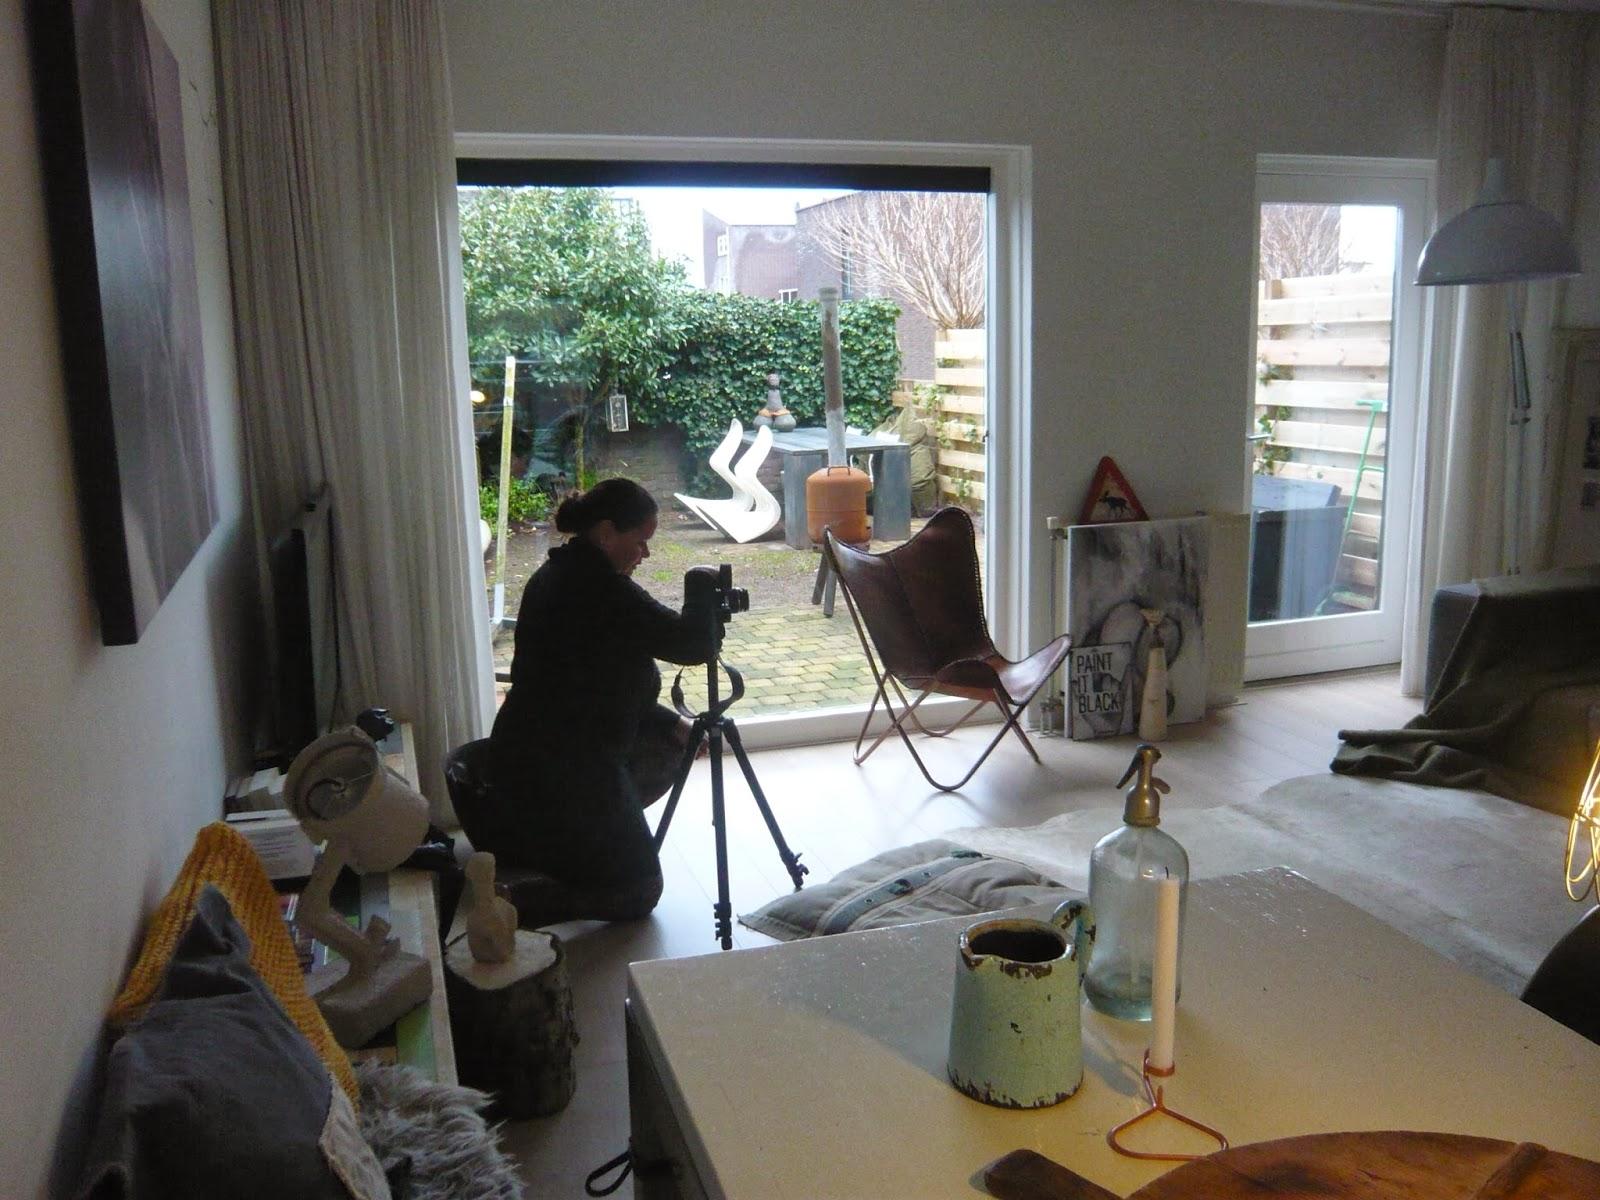 Binnenkijken Marieke Rusticus : Marieke rusticus styling fotoshoot in my home